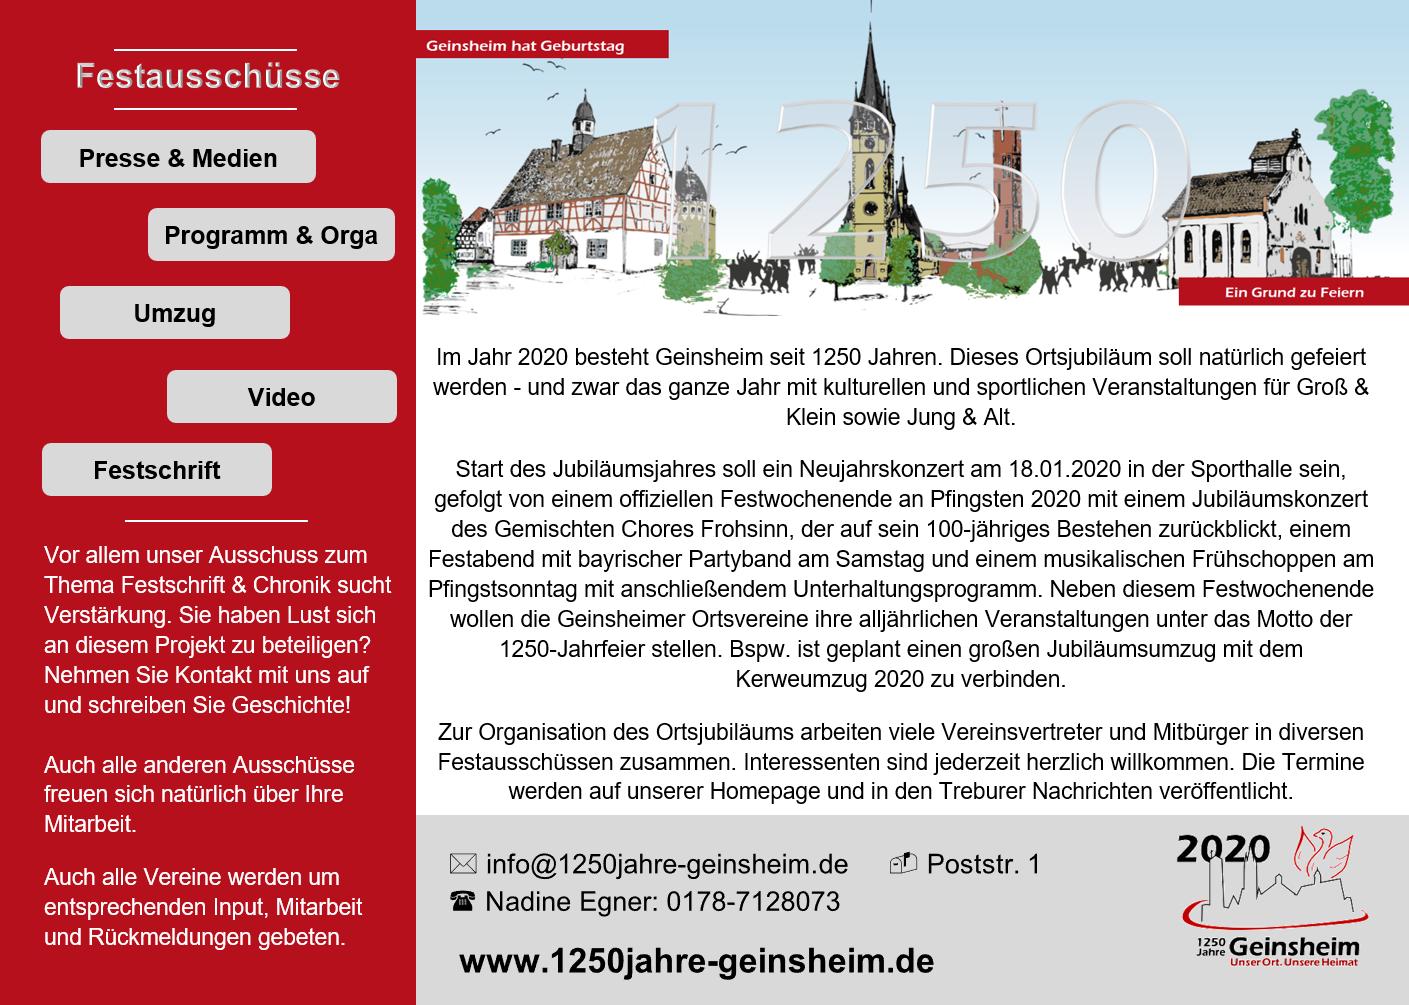 https://www.1250jahre-geinsheim.de/